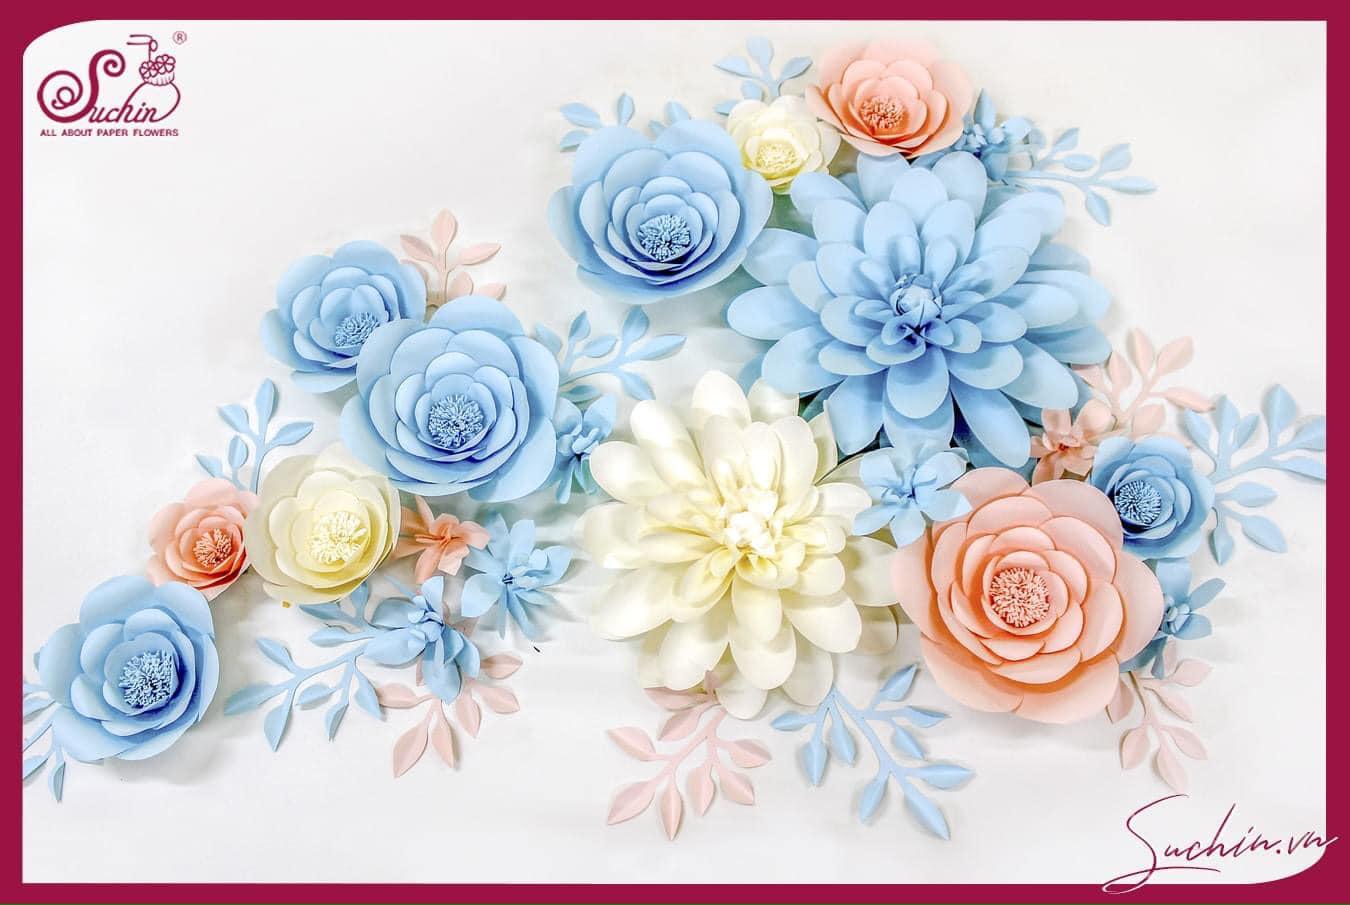 1001 mẫu hoa giấy nghệ thuật ấn tượng chỉ có tại Suchin